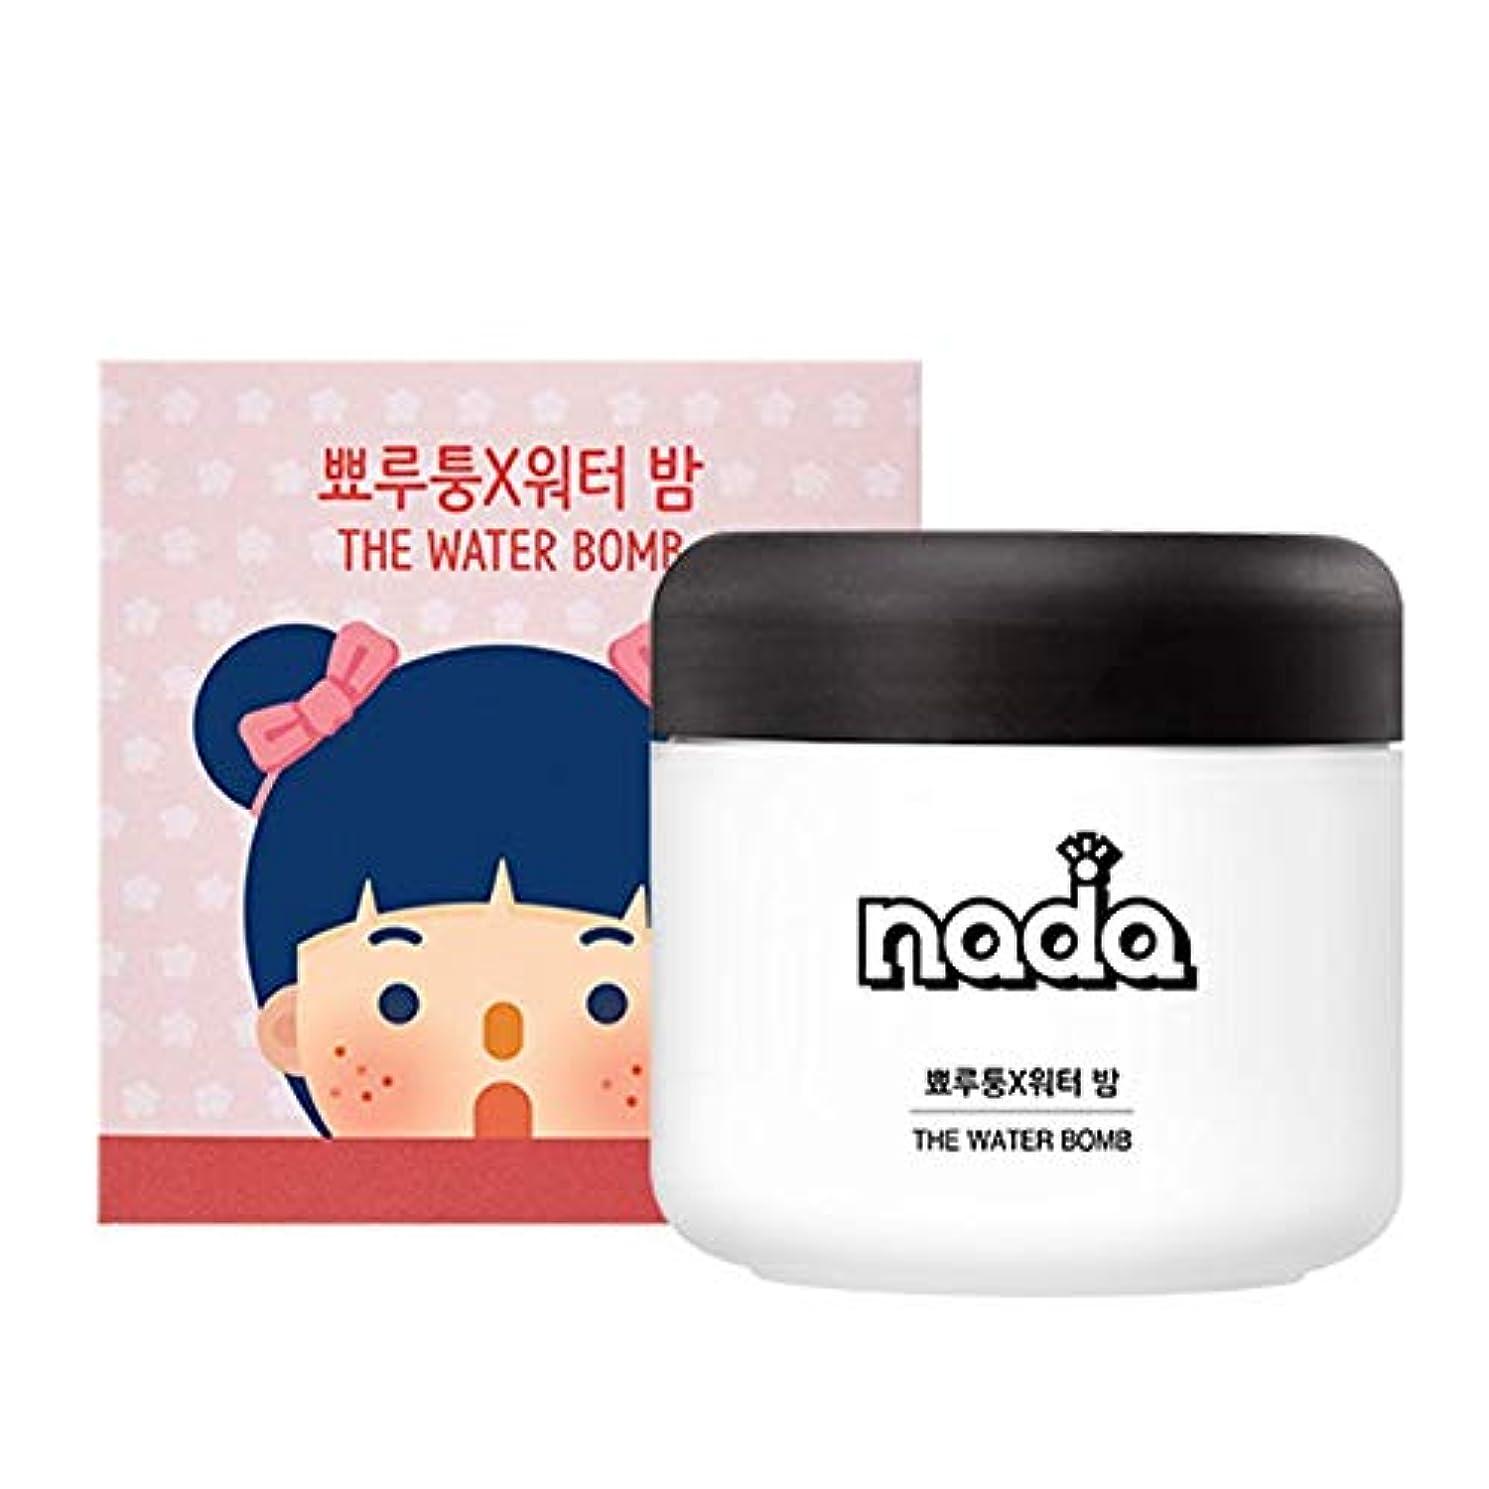 徴収農民ベリBEST韓国水爆弾50グラムモイスチャライジングフェイスクリームケア寧アンチリンクル化粧品NADA